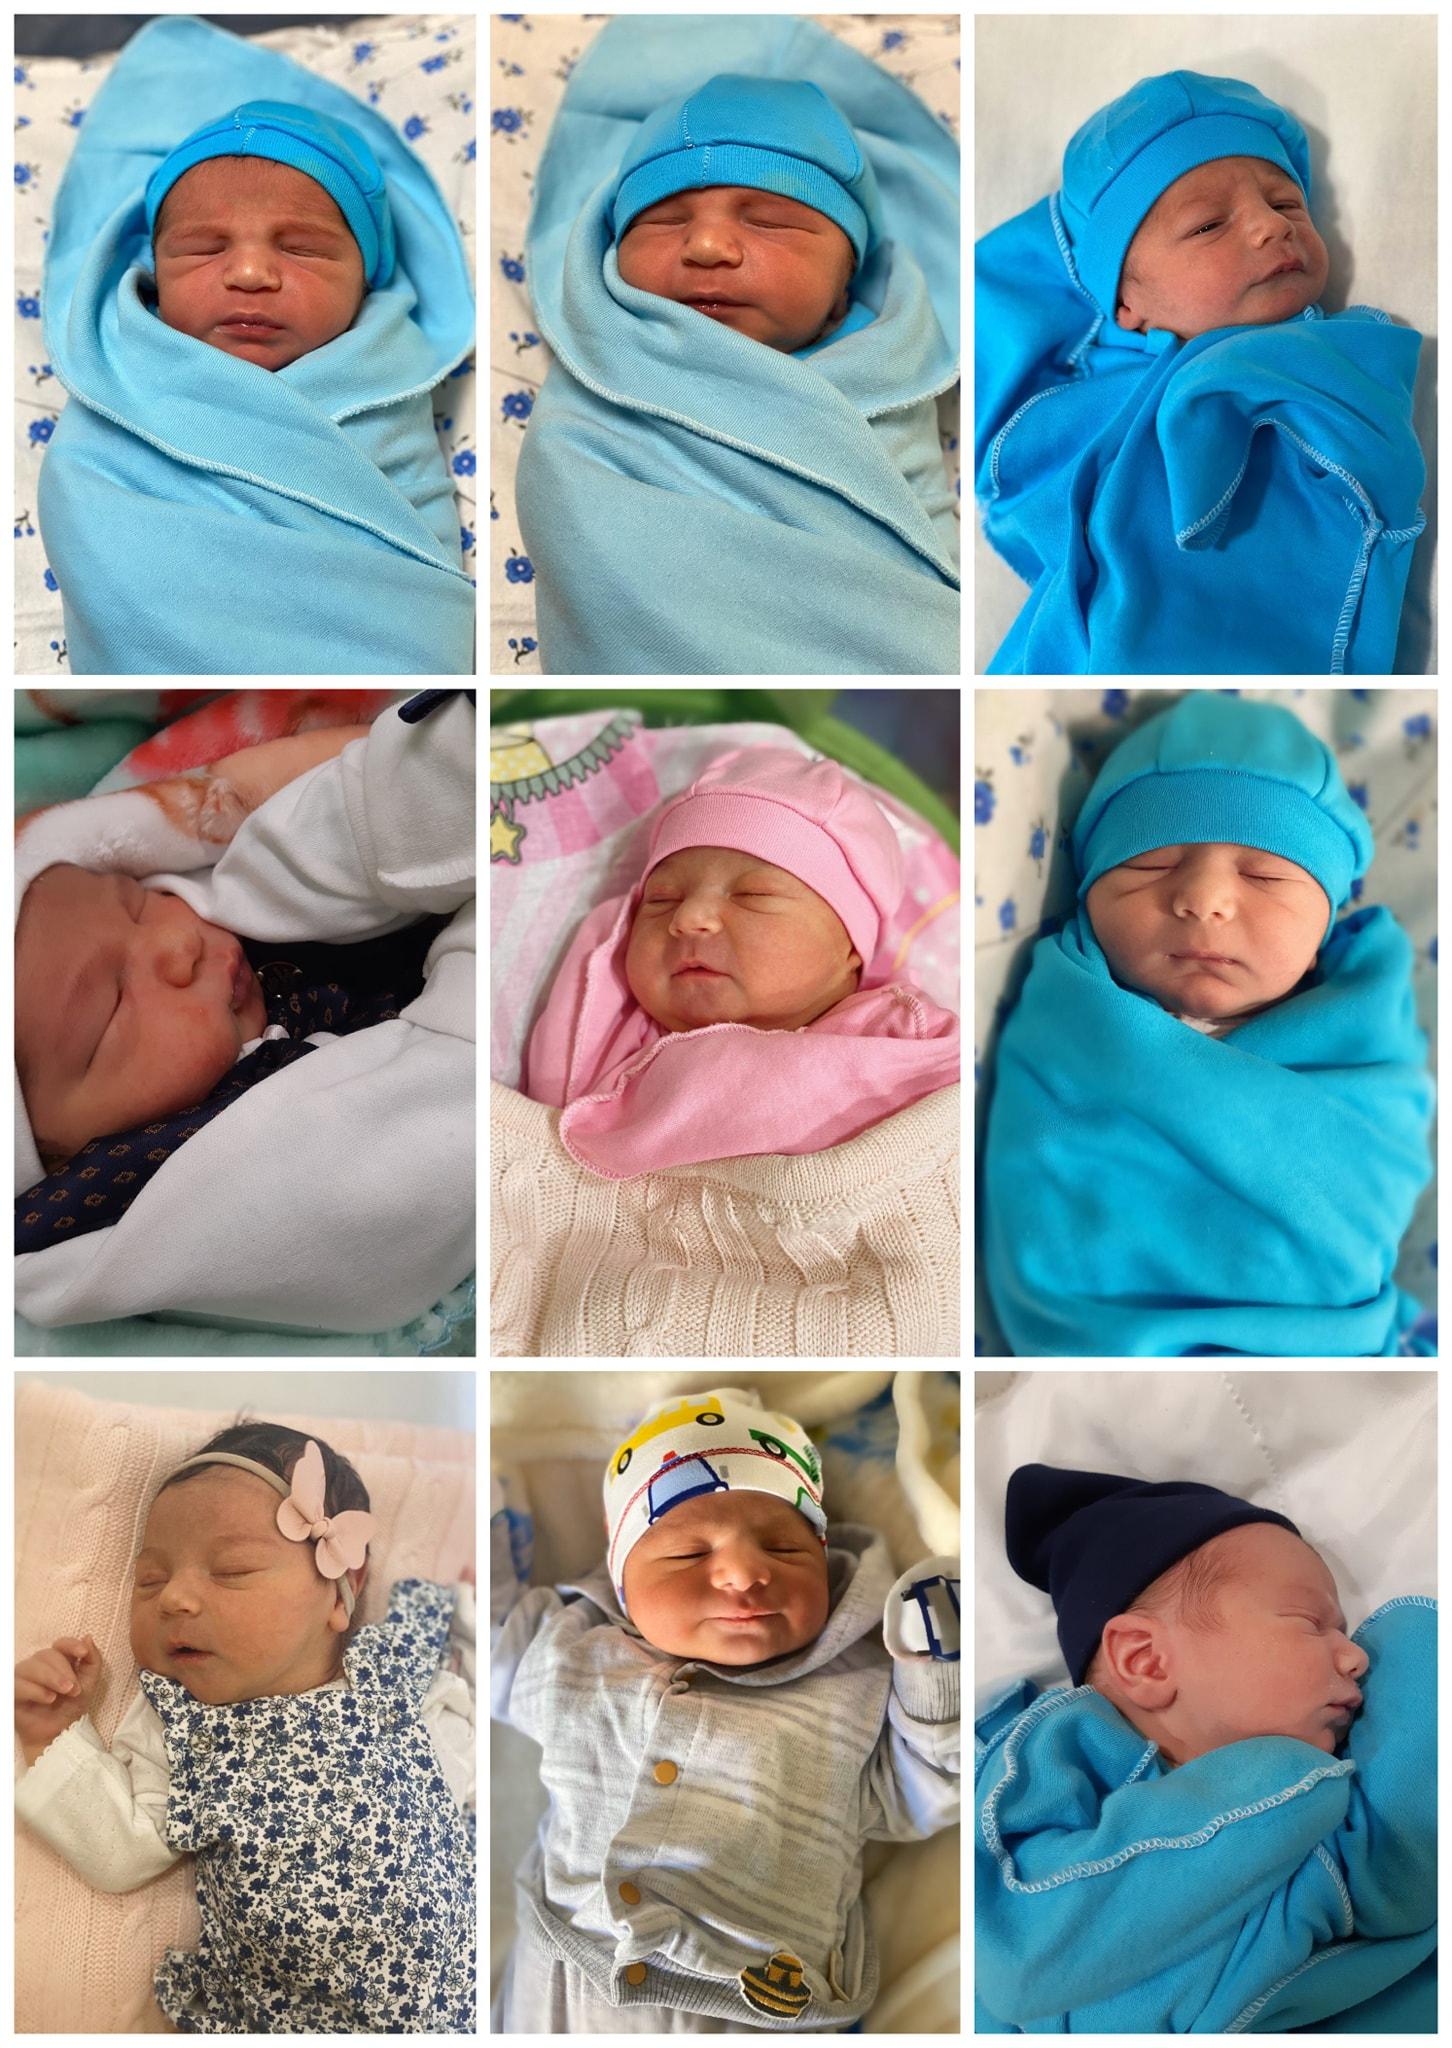 Photo of Պատերազմի առաջին օրերից մինչ այսօր «Շենգավիթ» ԲԿ-ում ծնվել է 15 արցախցի փոքրիկ